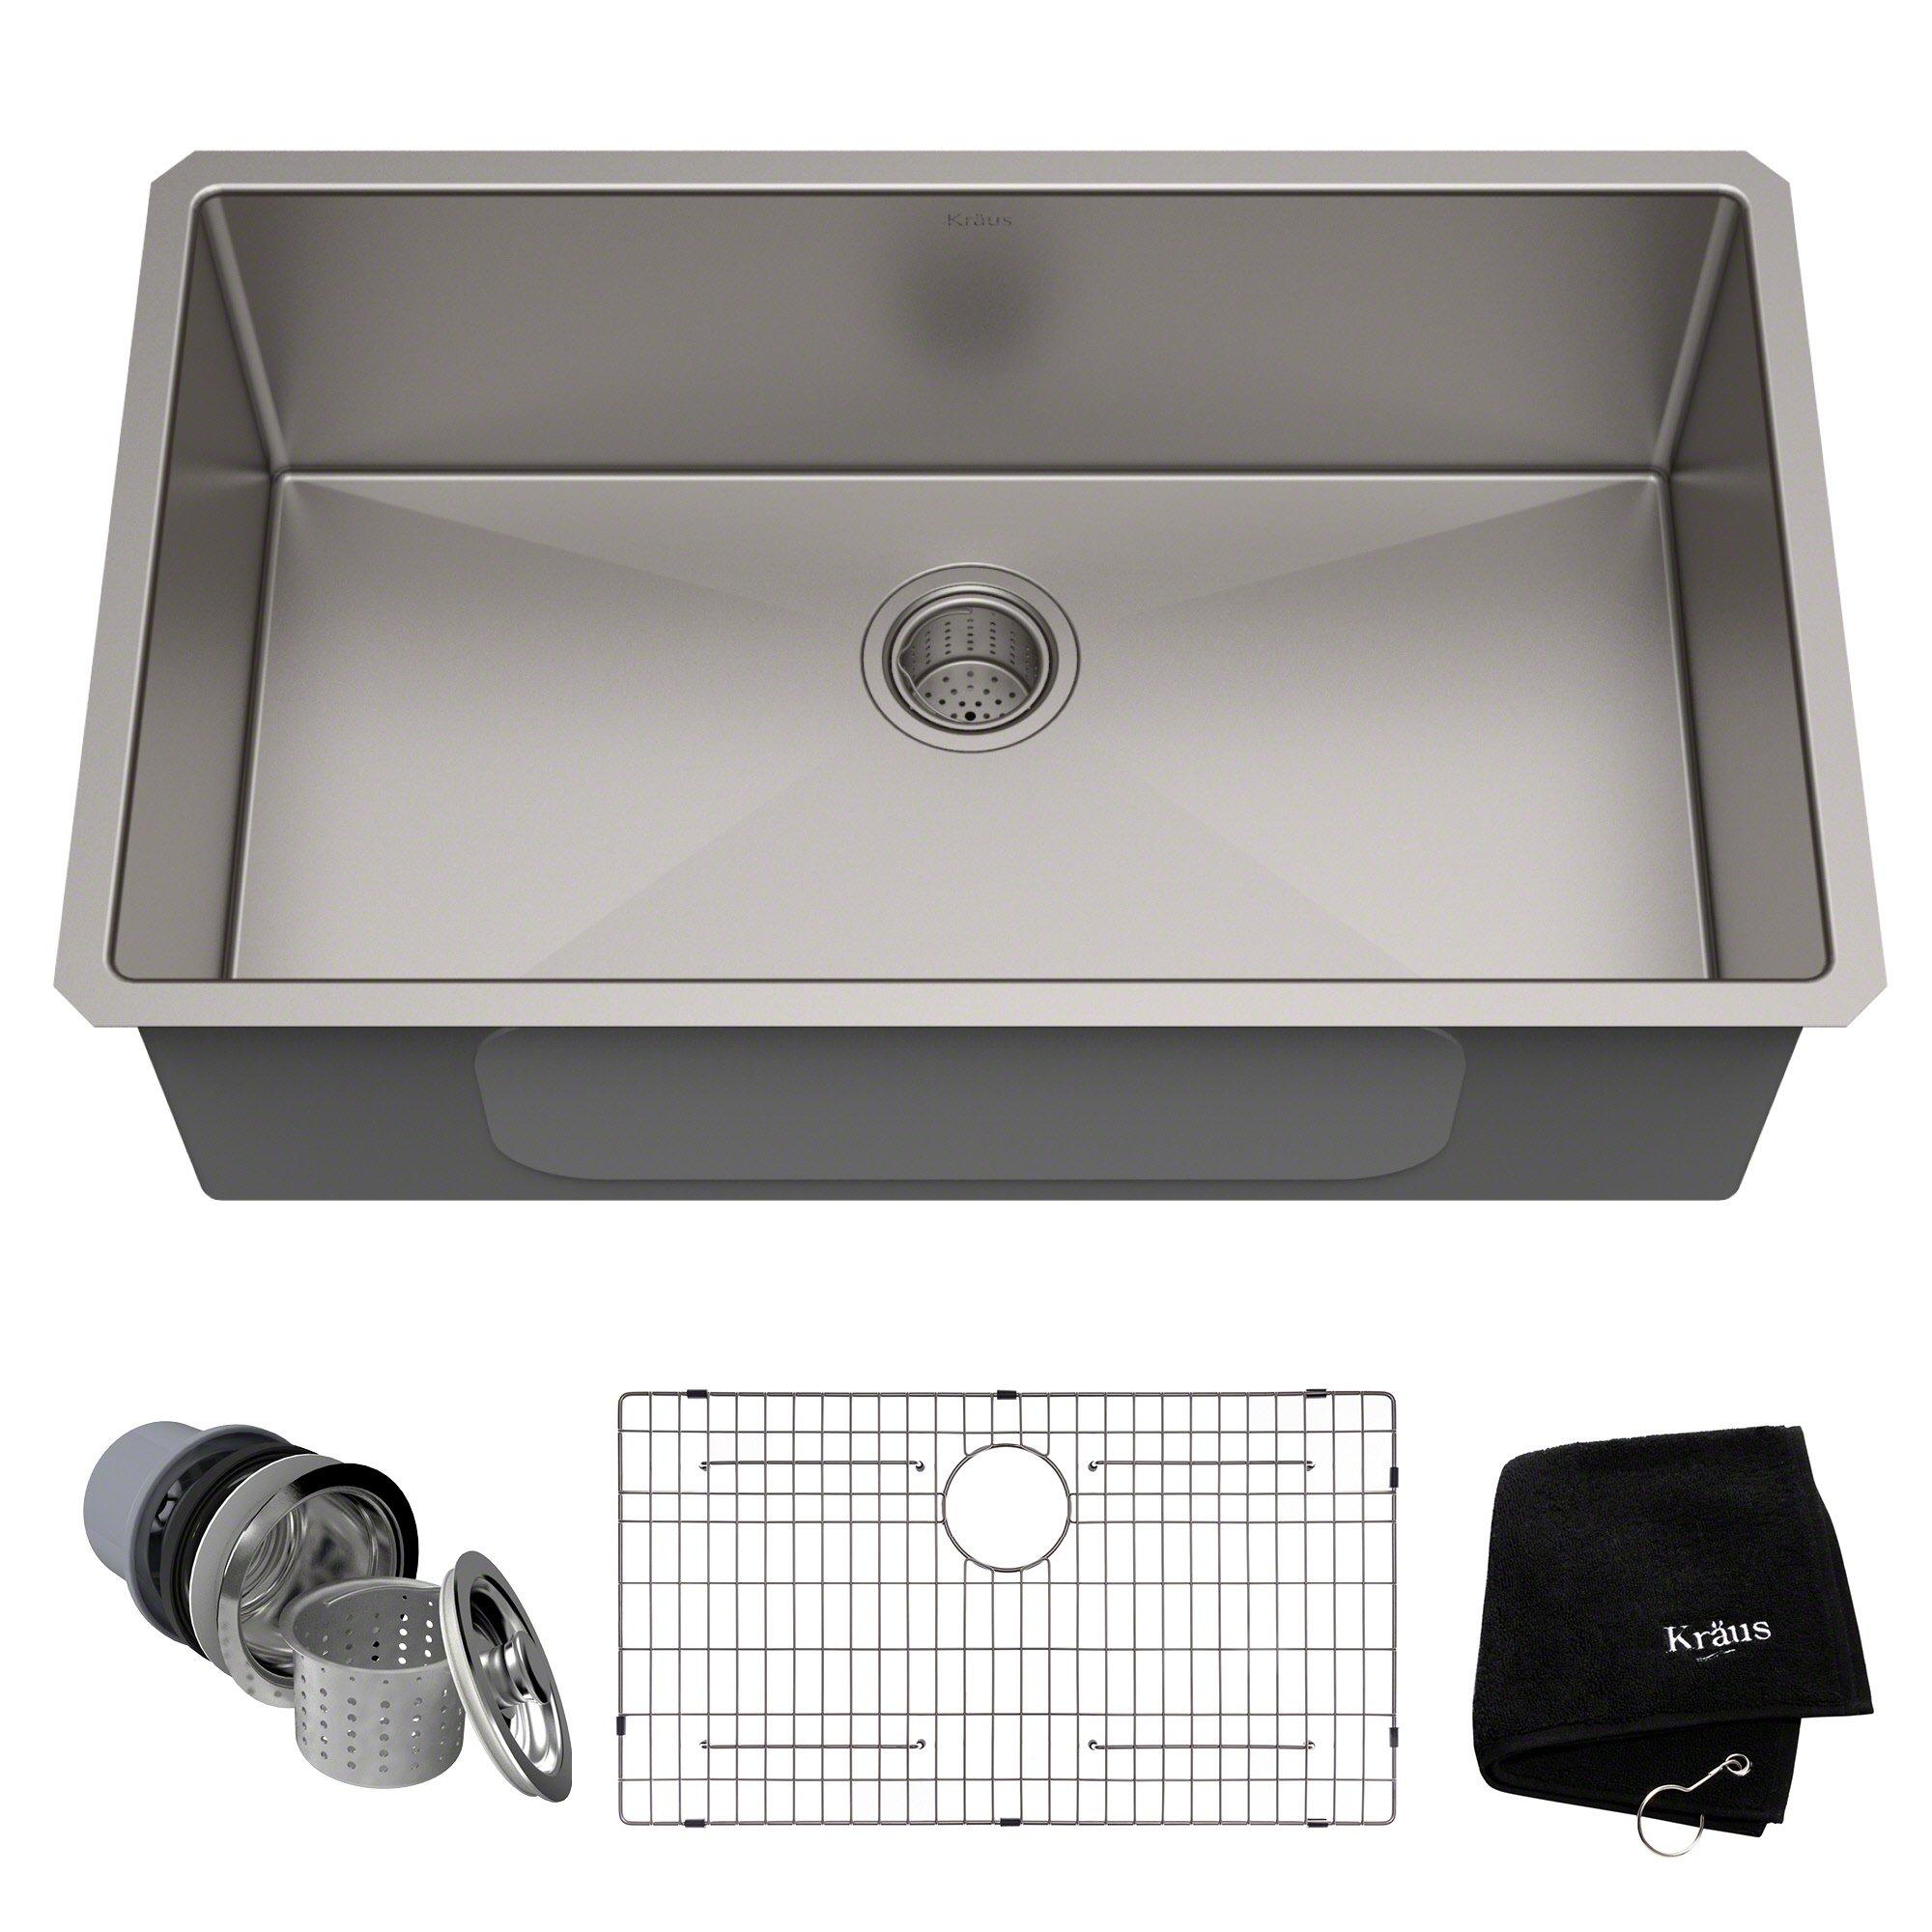 Kraus Standart PRO 32-inch 16 Gauge Undermount Single Bowl Stainless Steel Kitchen Sink, KHU100-32 by Kraus